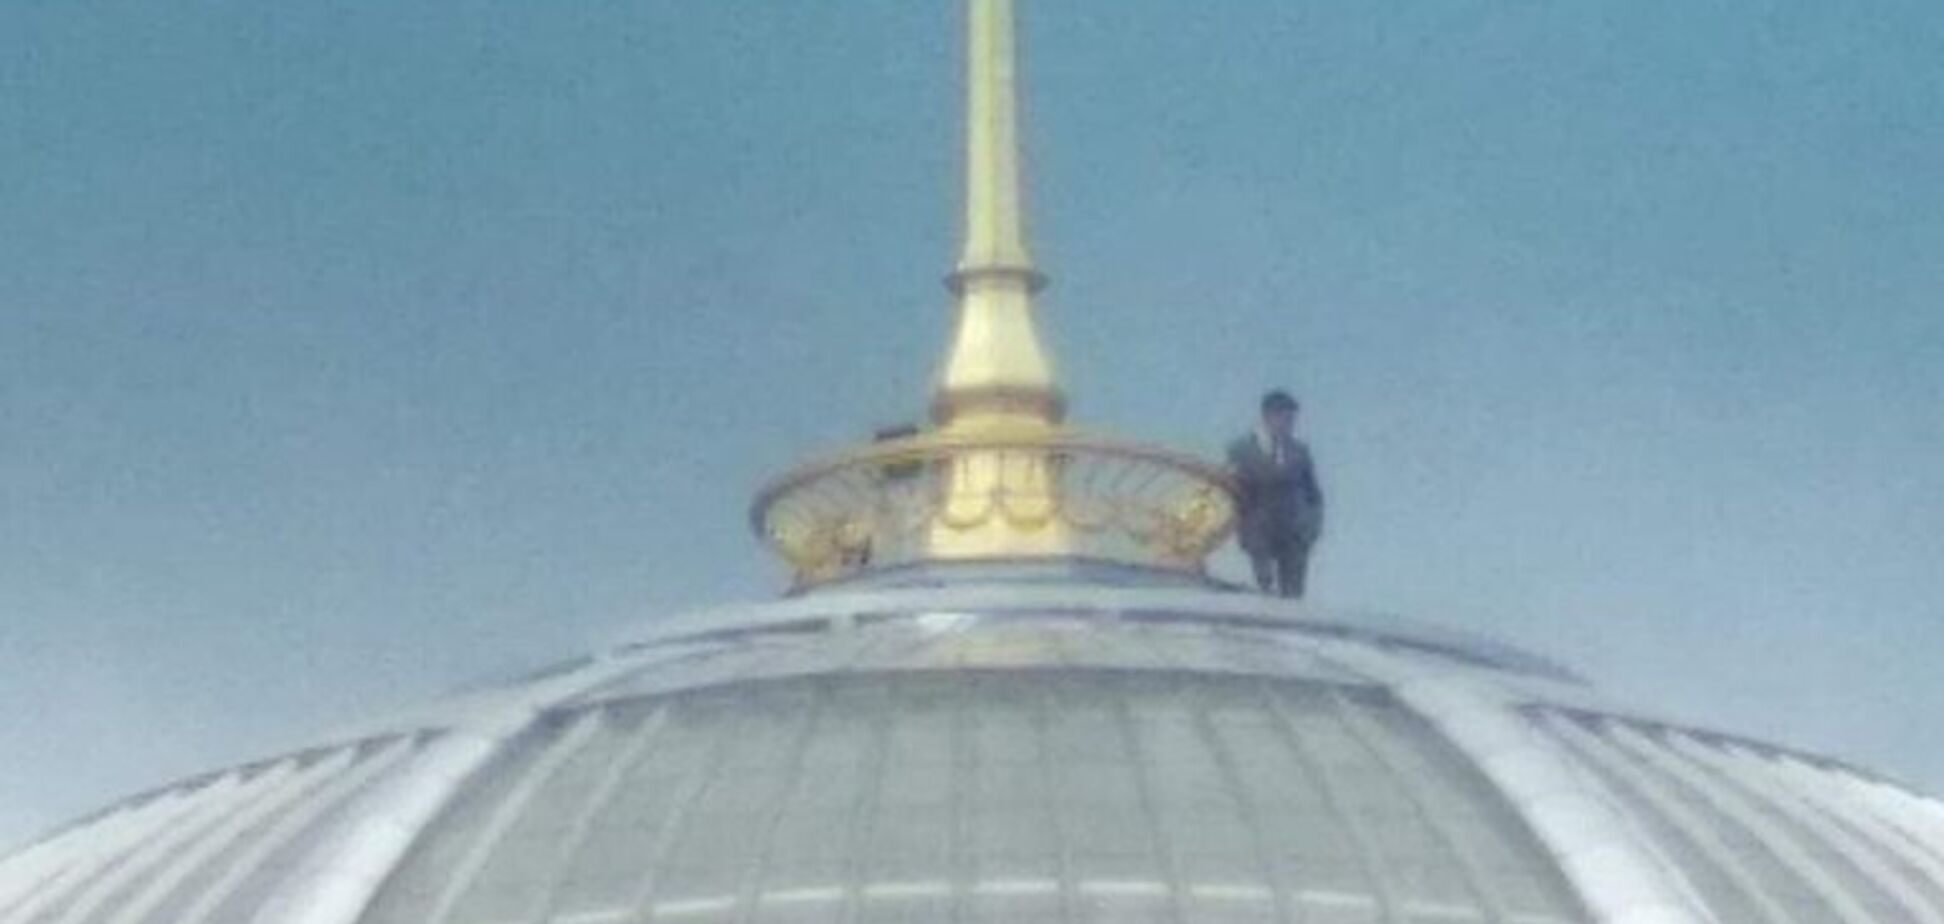 ''Зеленский пишет селфи-видео'': фото с человеком на куполе Рады взорвало сеть